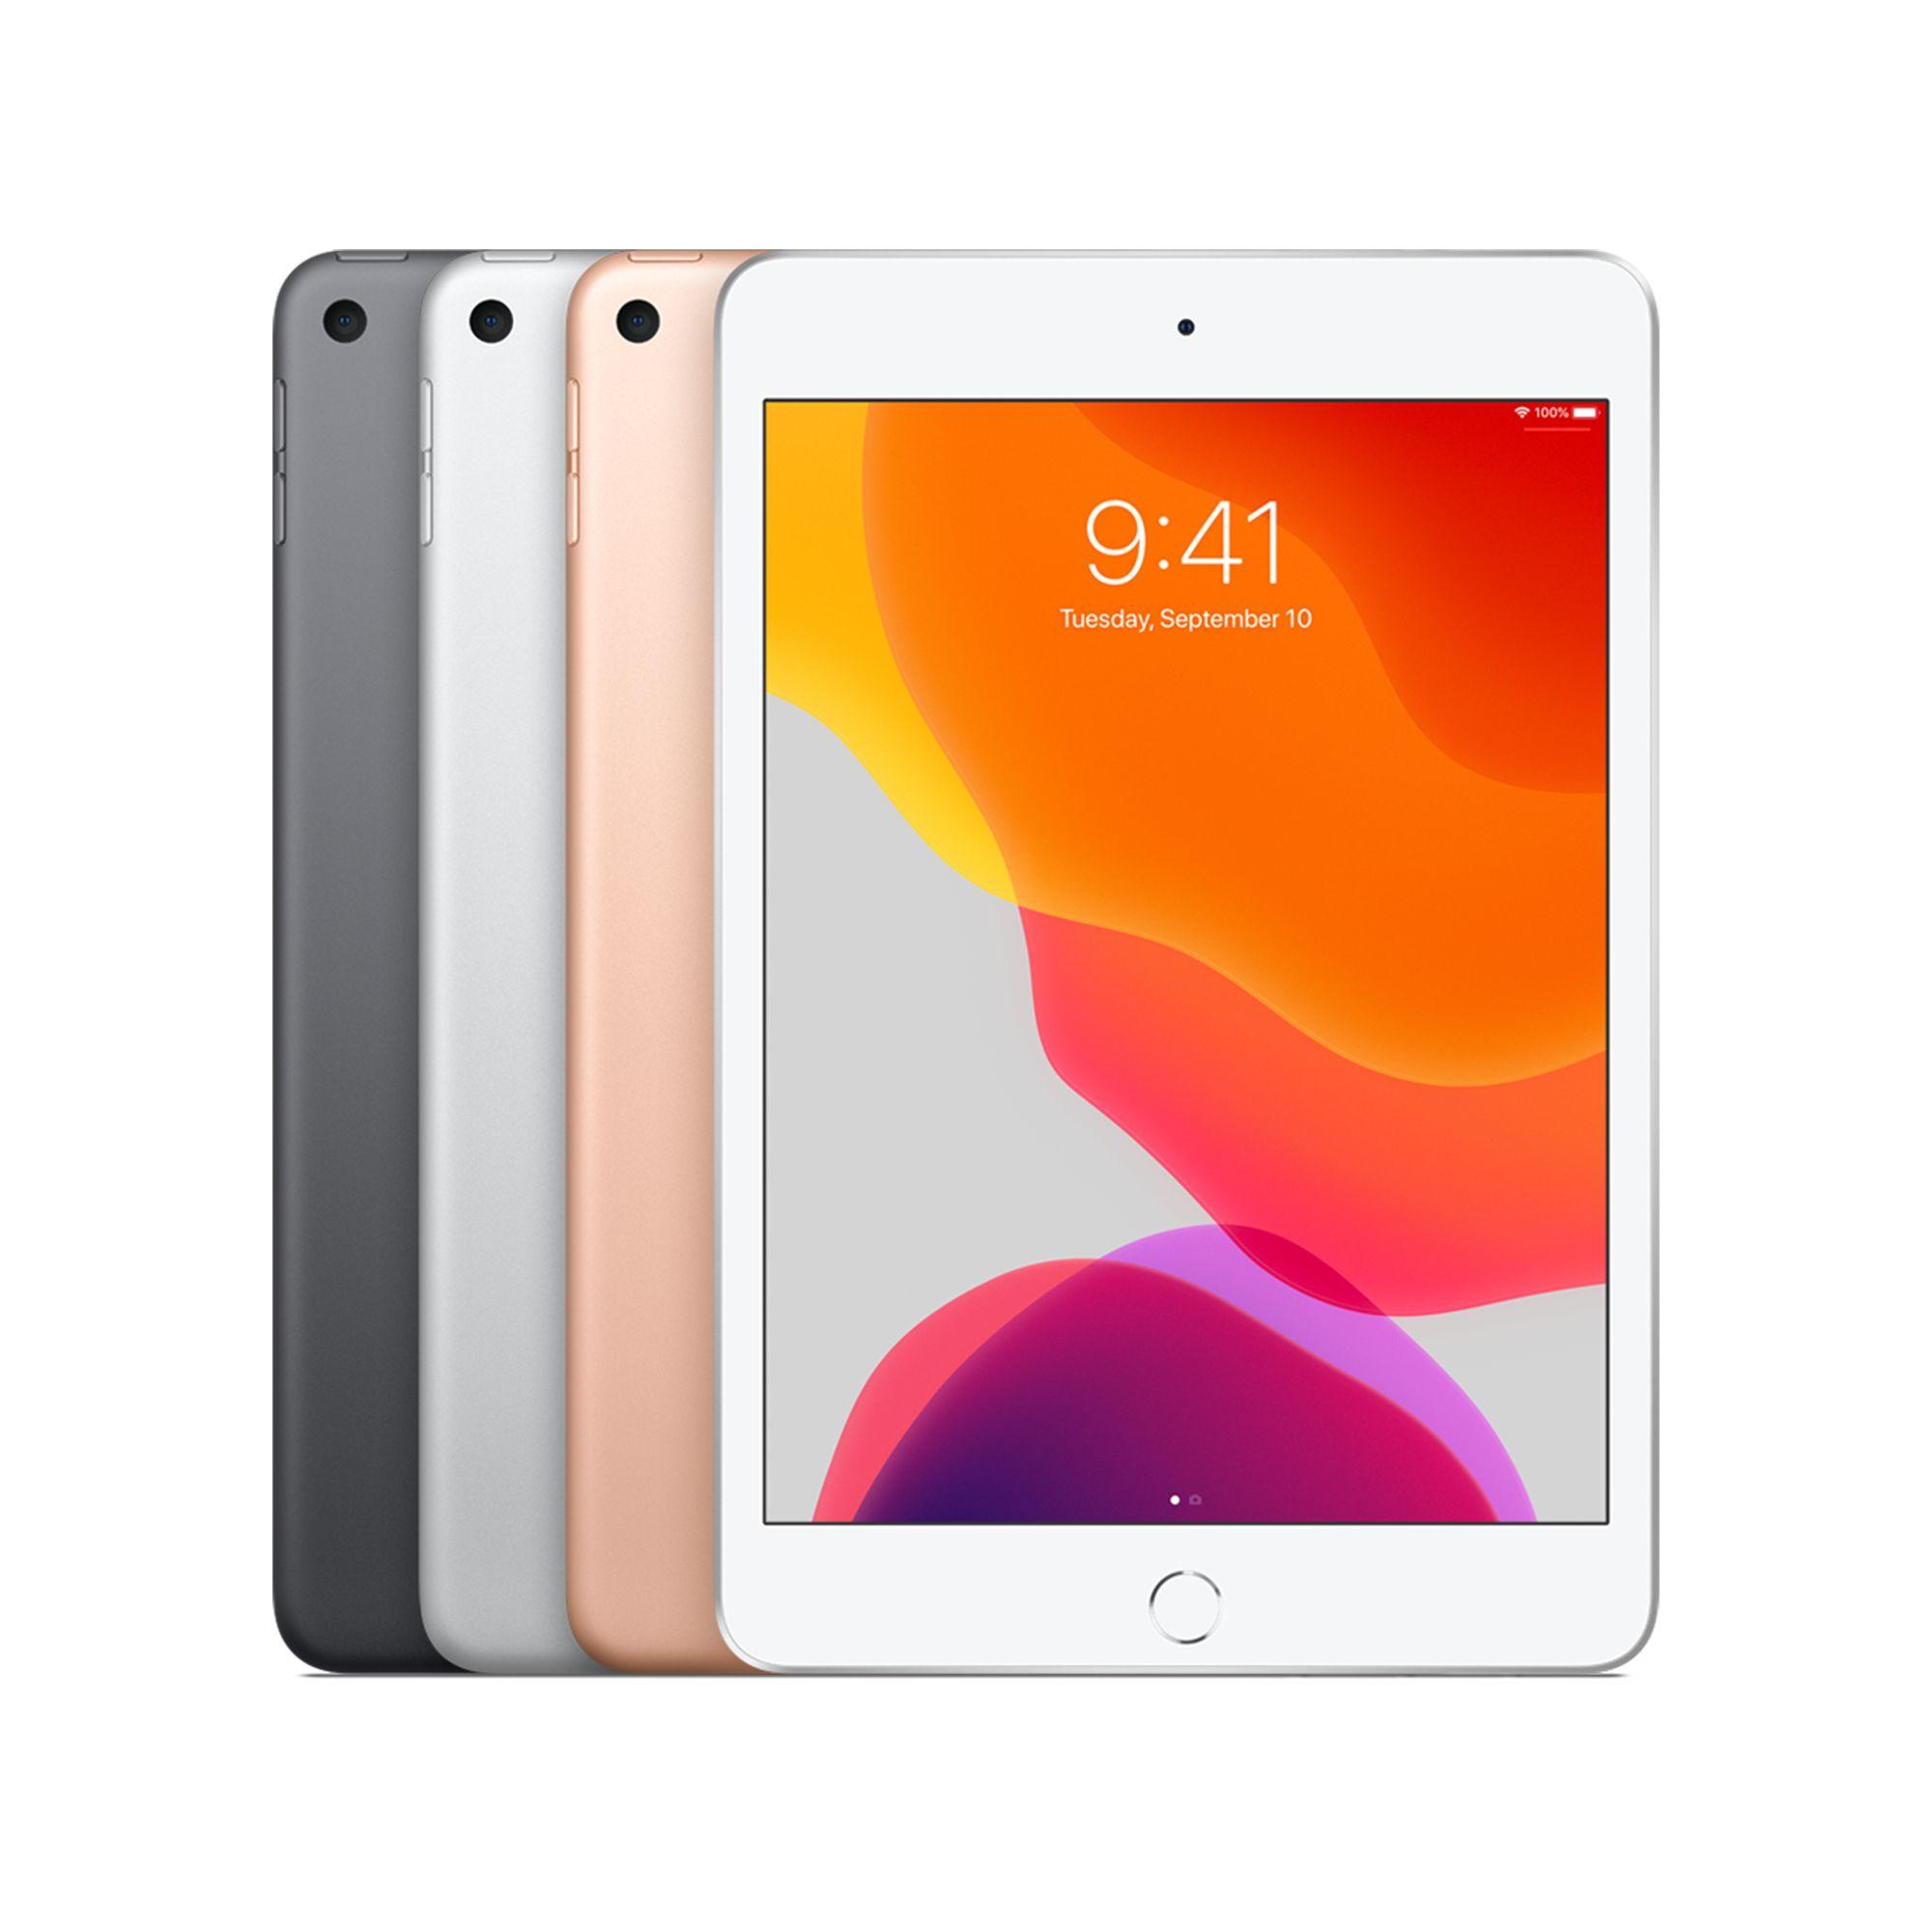 Wi-Fi Gold 7.9in Apple iPad mini 3 64GB